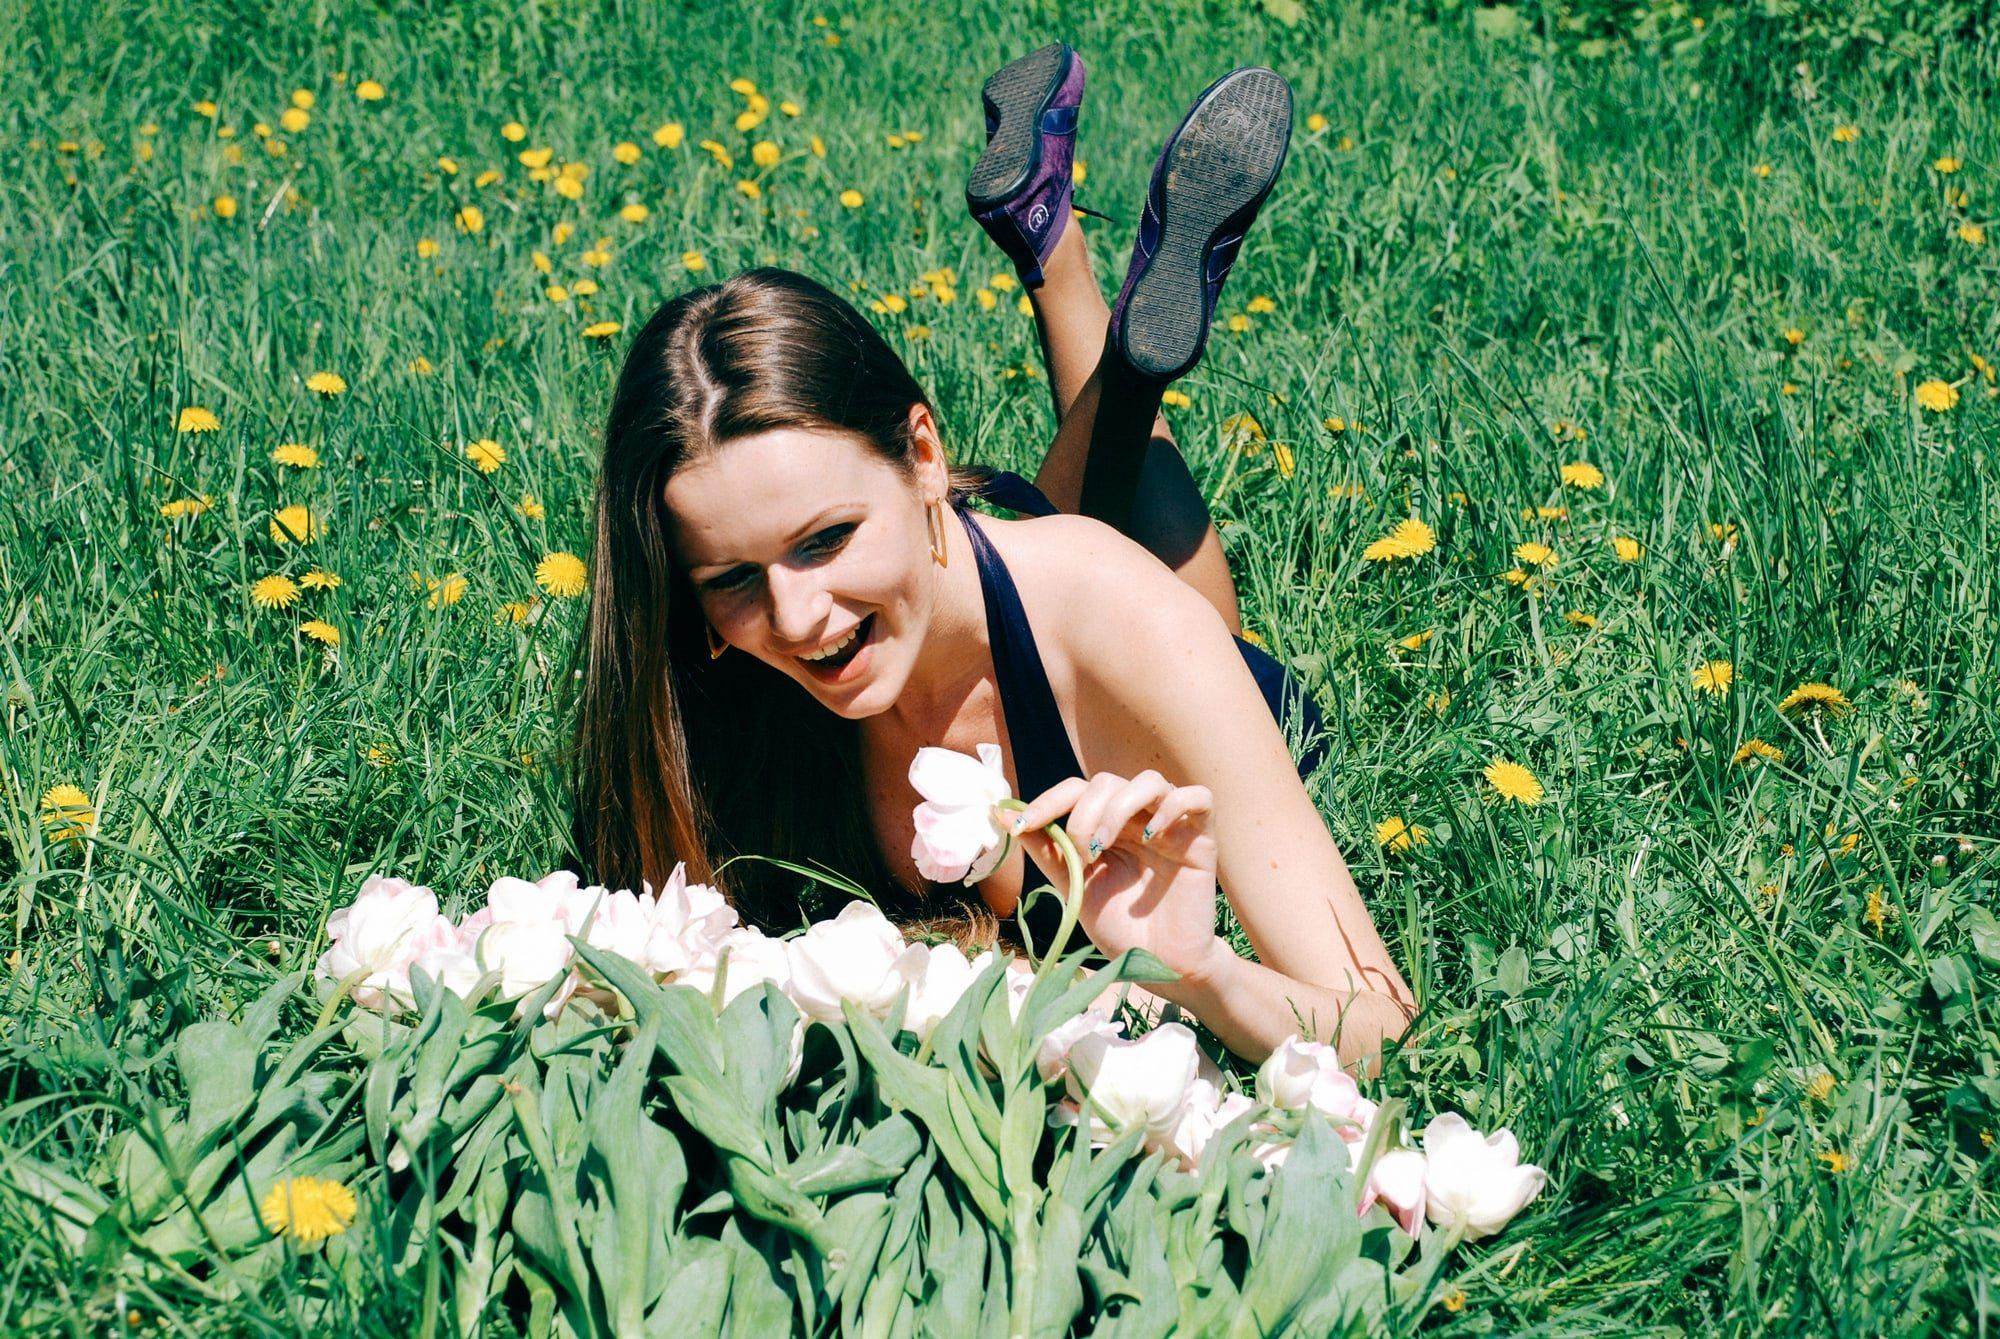 Девушка с букетом на траве - Фотограф Киев - Женя Лайт